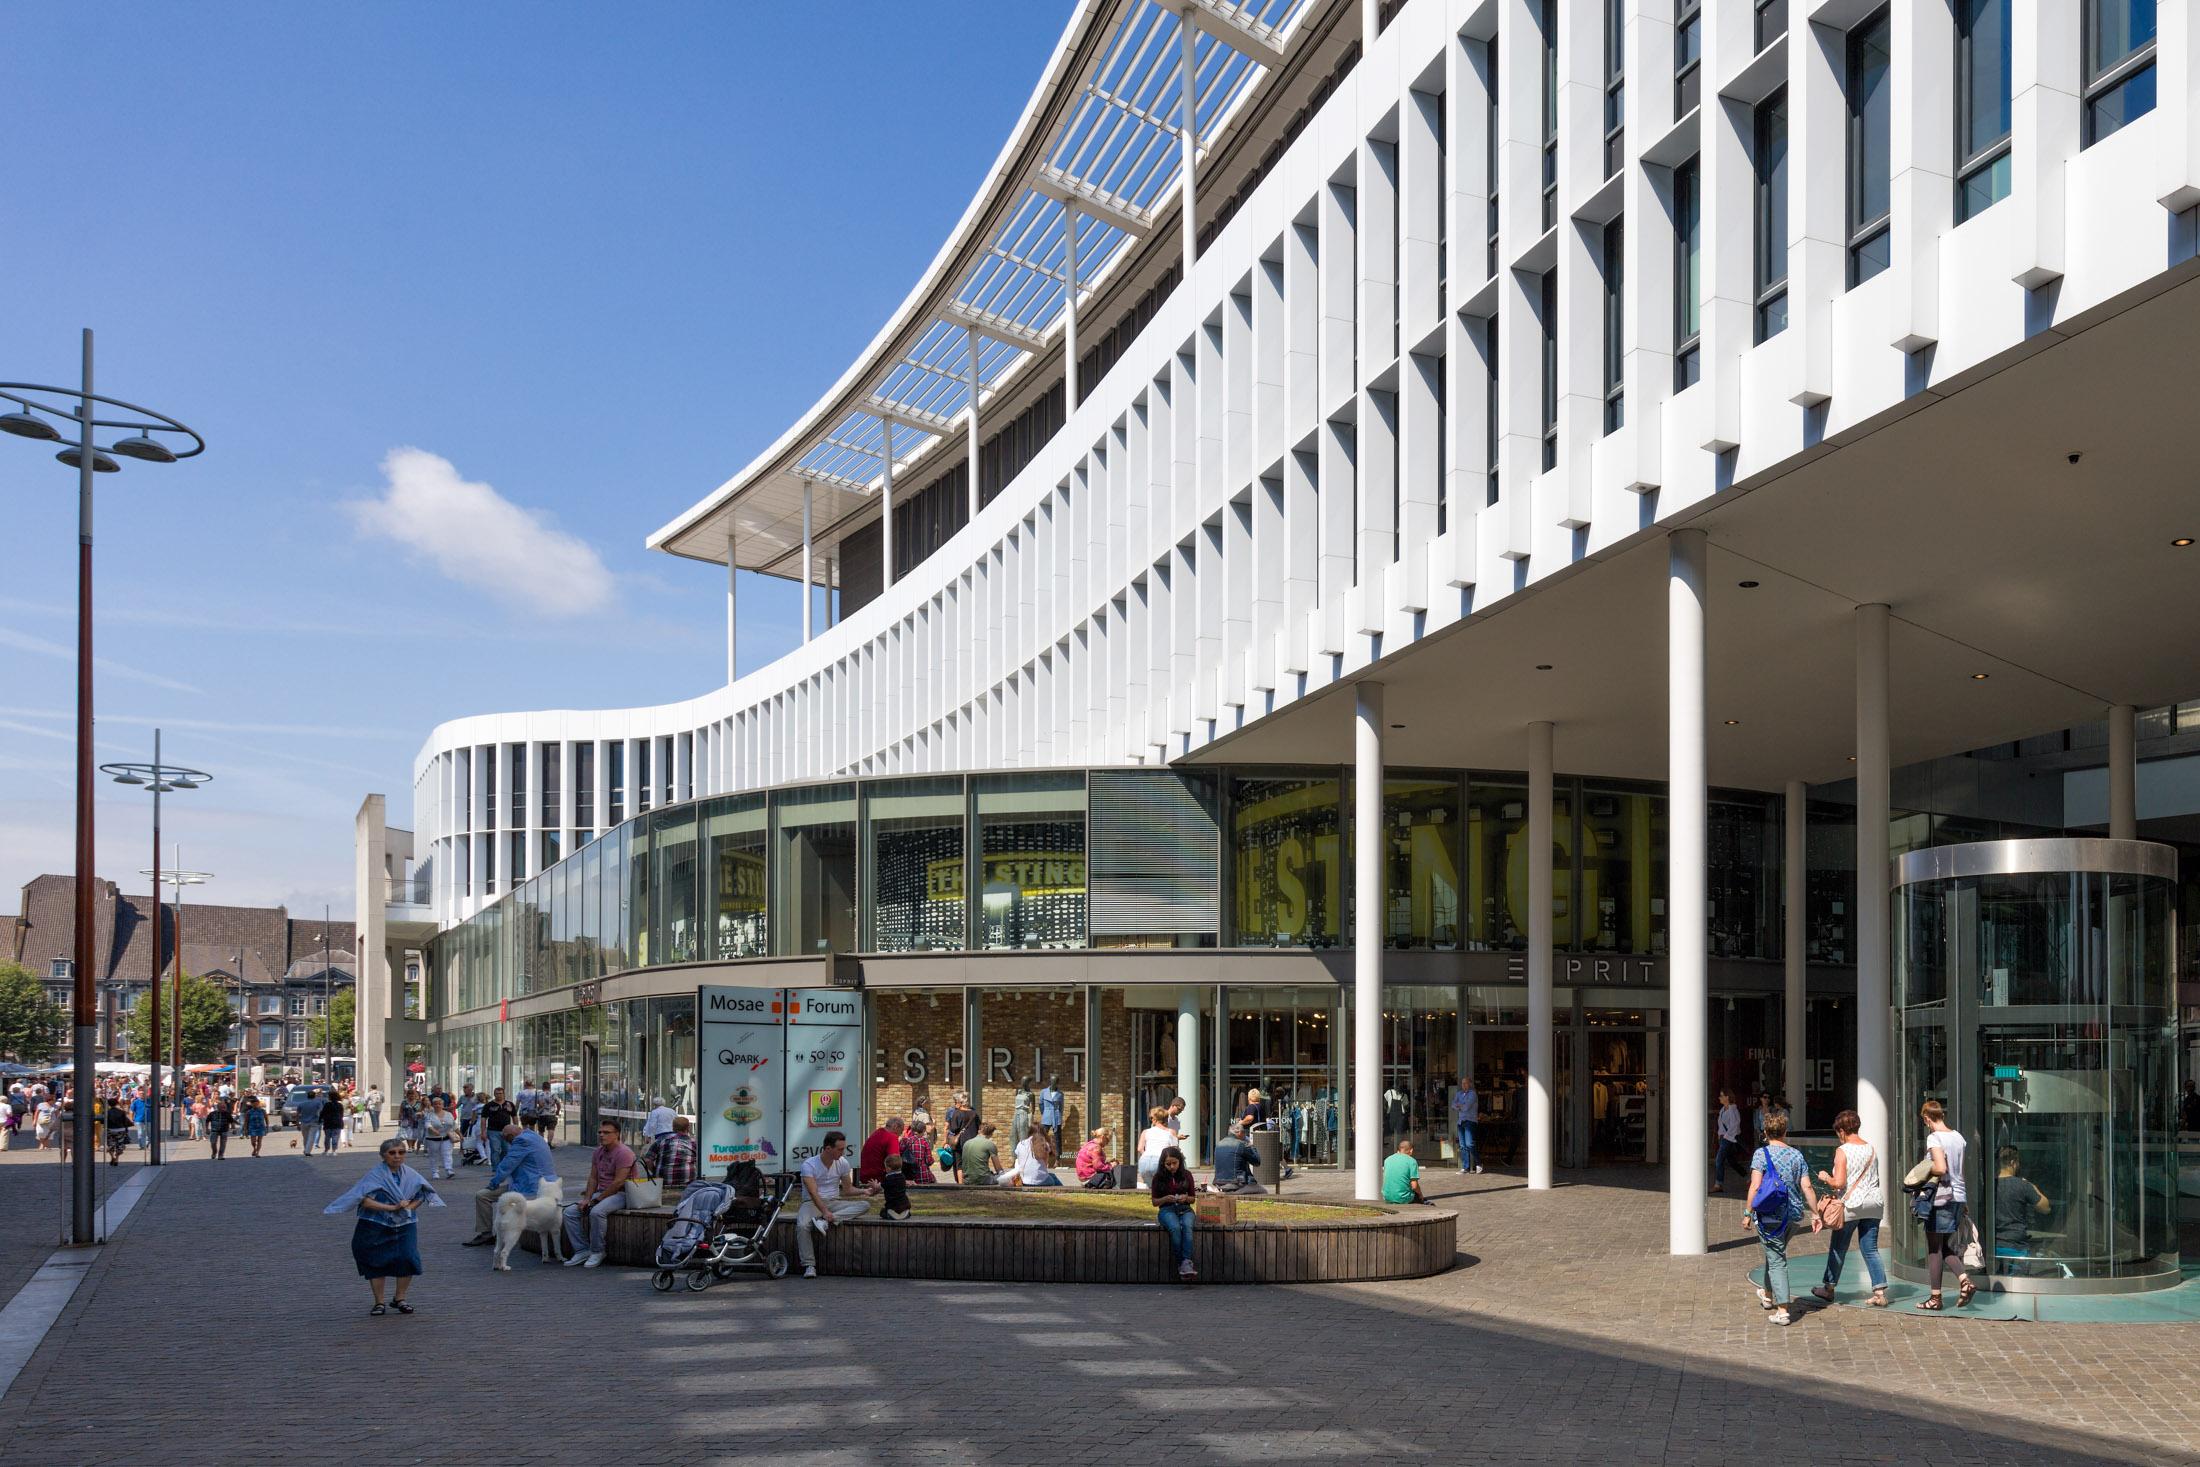 Maastricht-Mosae-Forum-3.jpg